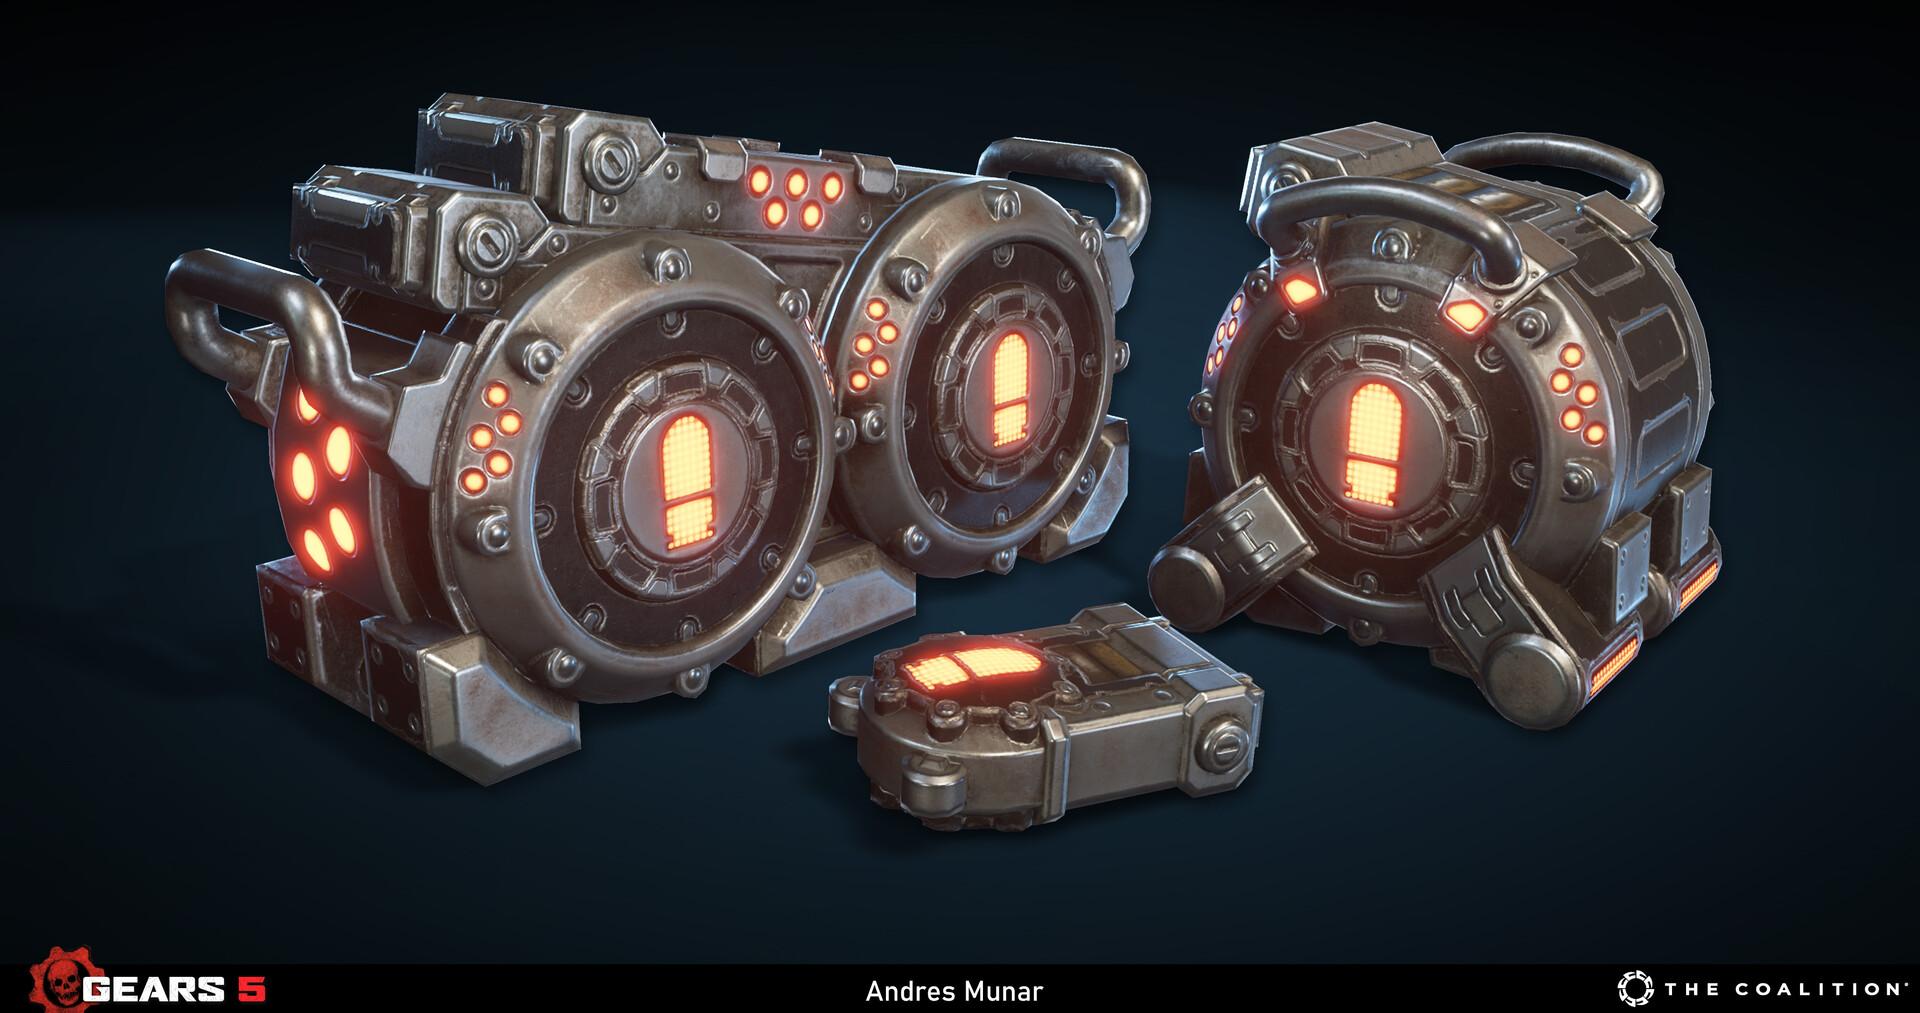 Andres munar gears5 008